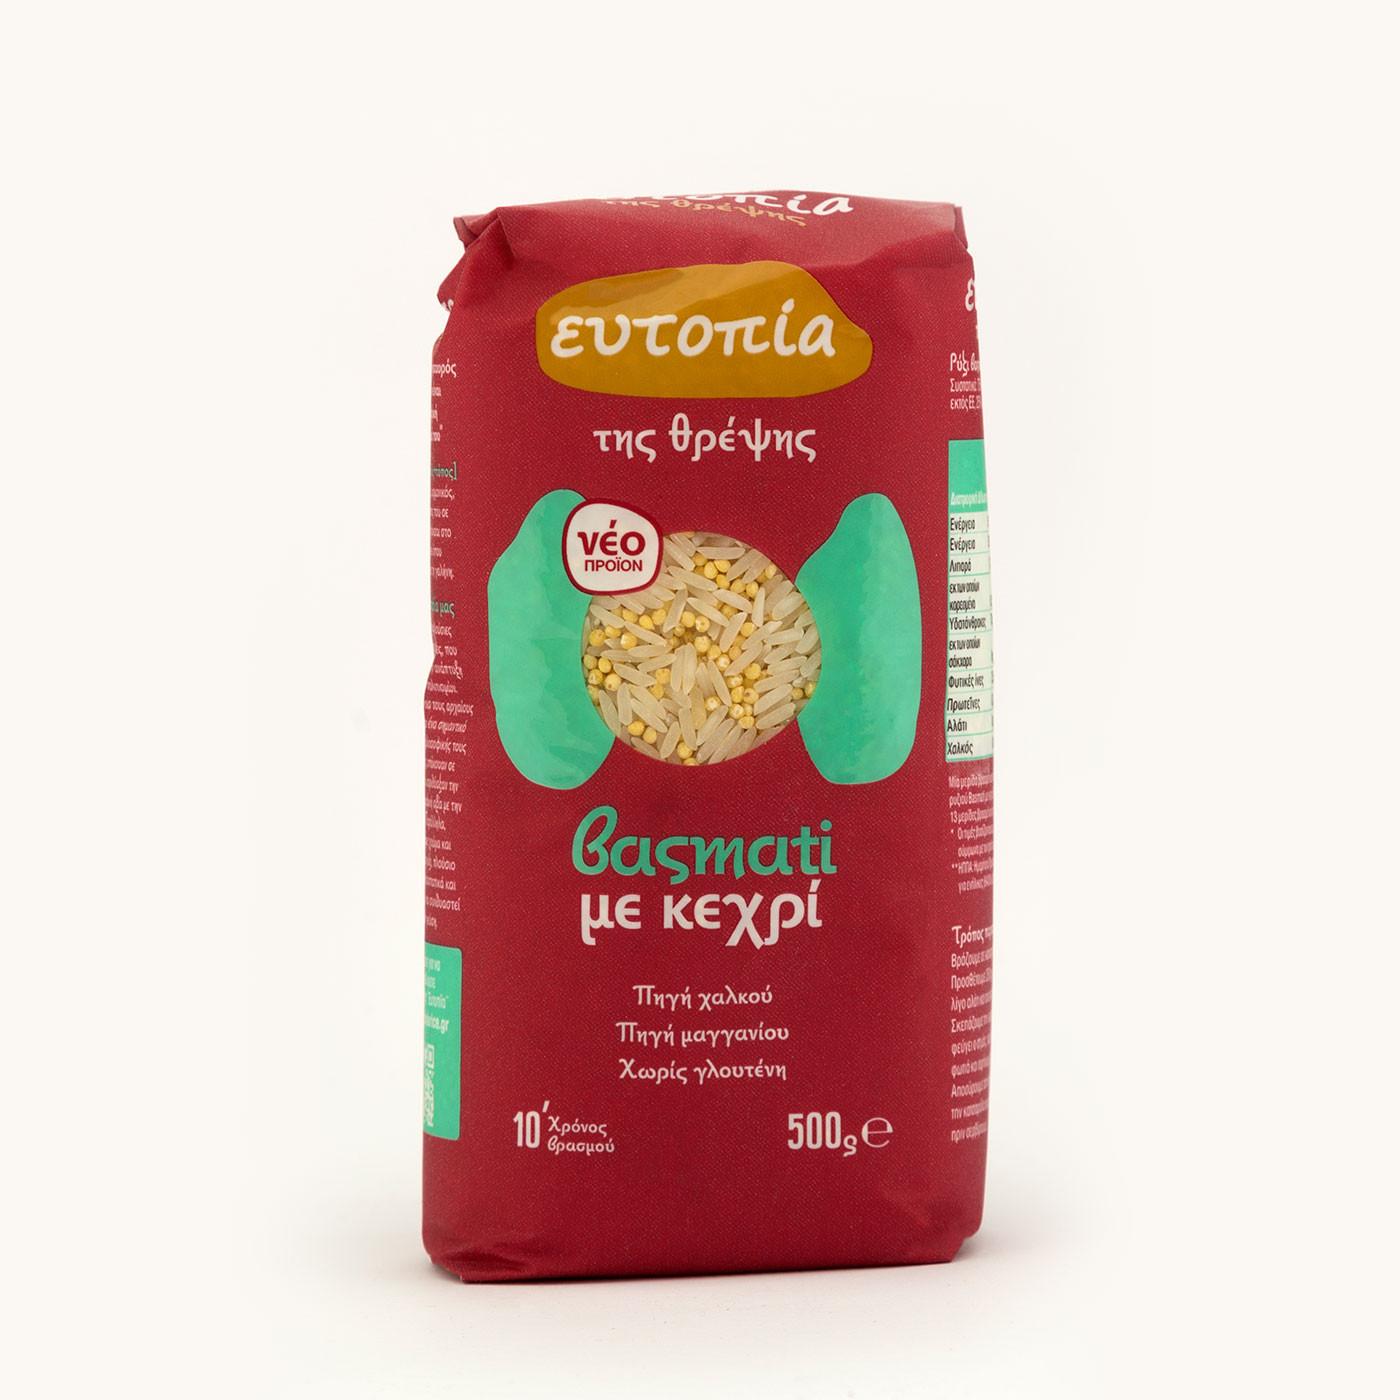 """Ρύζι Basmati με Κεχρί """"ευτοπία"""" 500 g"""